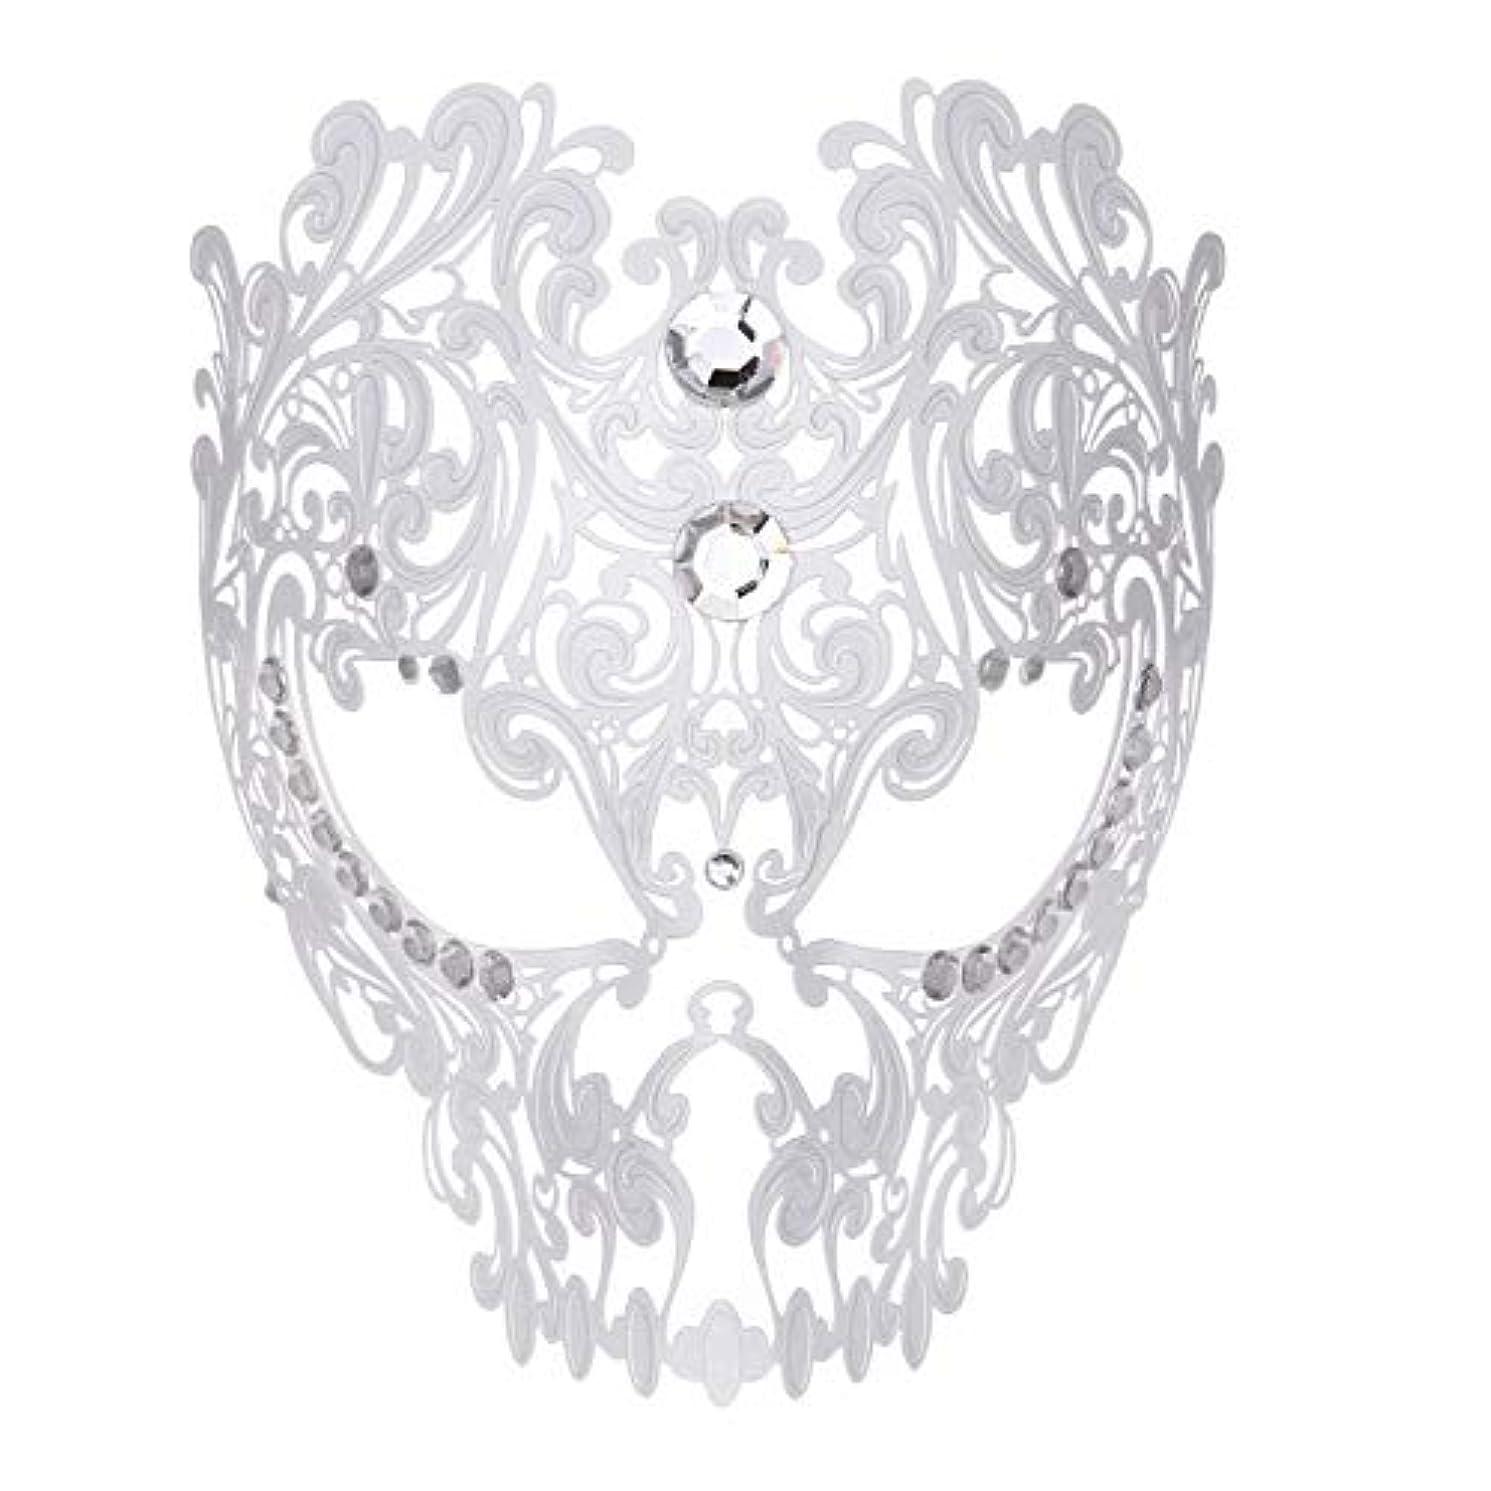 ことわざキャッシュガイダンスダンスマスク フルフェイスエナメル金属象眼細工中空マスクナイトクラブパーティーロールプレイングマスカレードマスク パーティーボールマスク (色 : 白, サイズ : Universal)